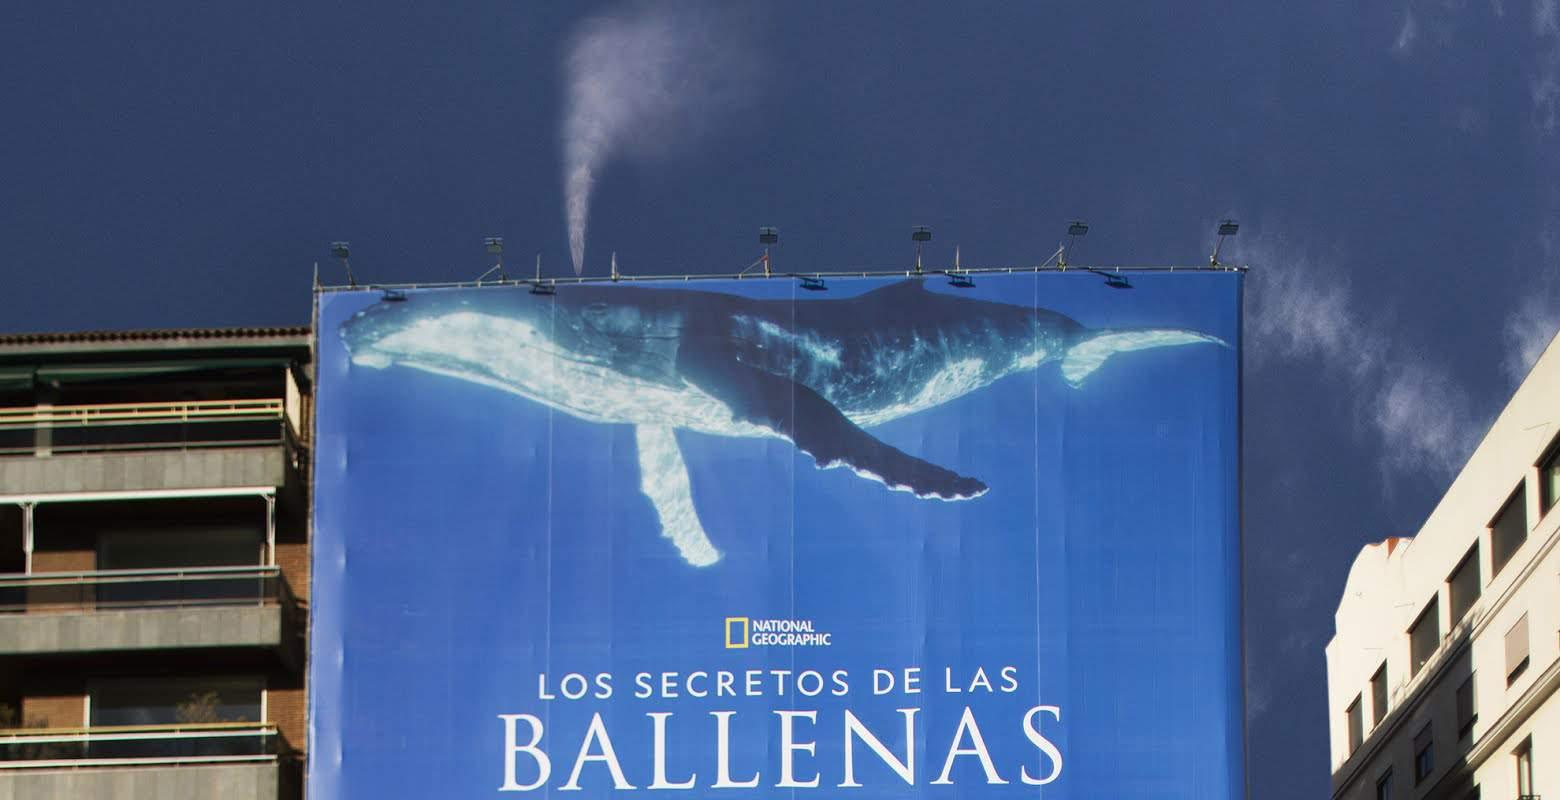 Los secretos de las ballenas, de Disney Plas